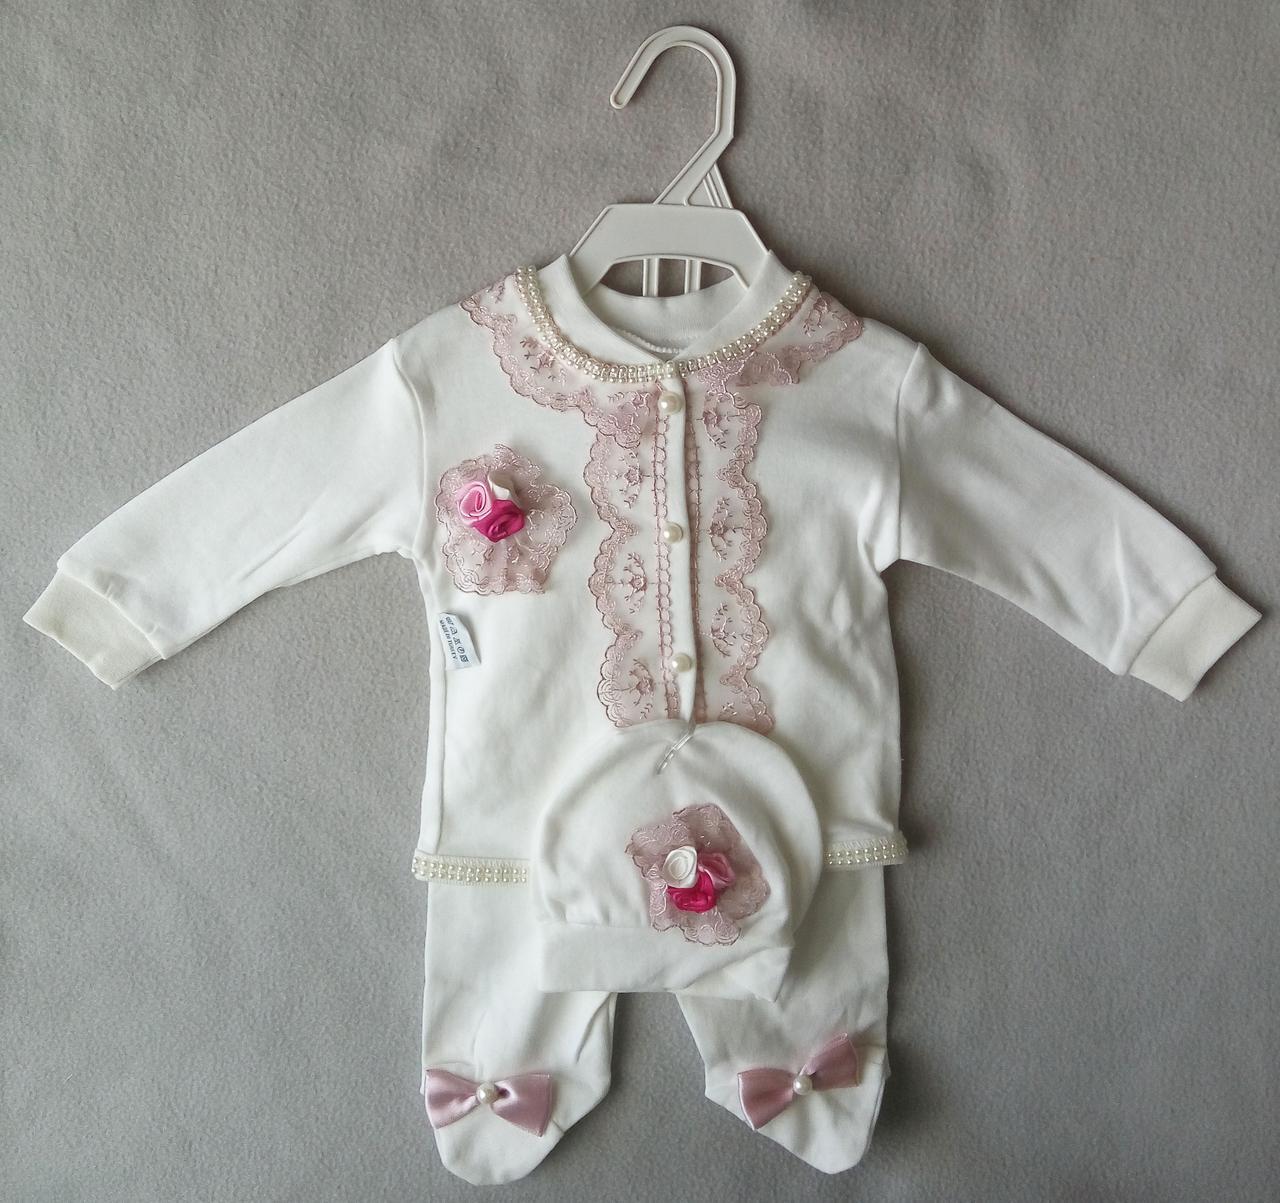 Костюм для новорожденных с кружевами, на девочек 0-3 мес. Ползунки, кофточка, шапочка. Турция, оптом